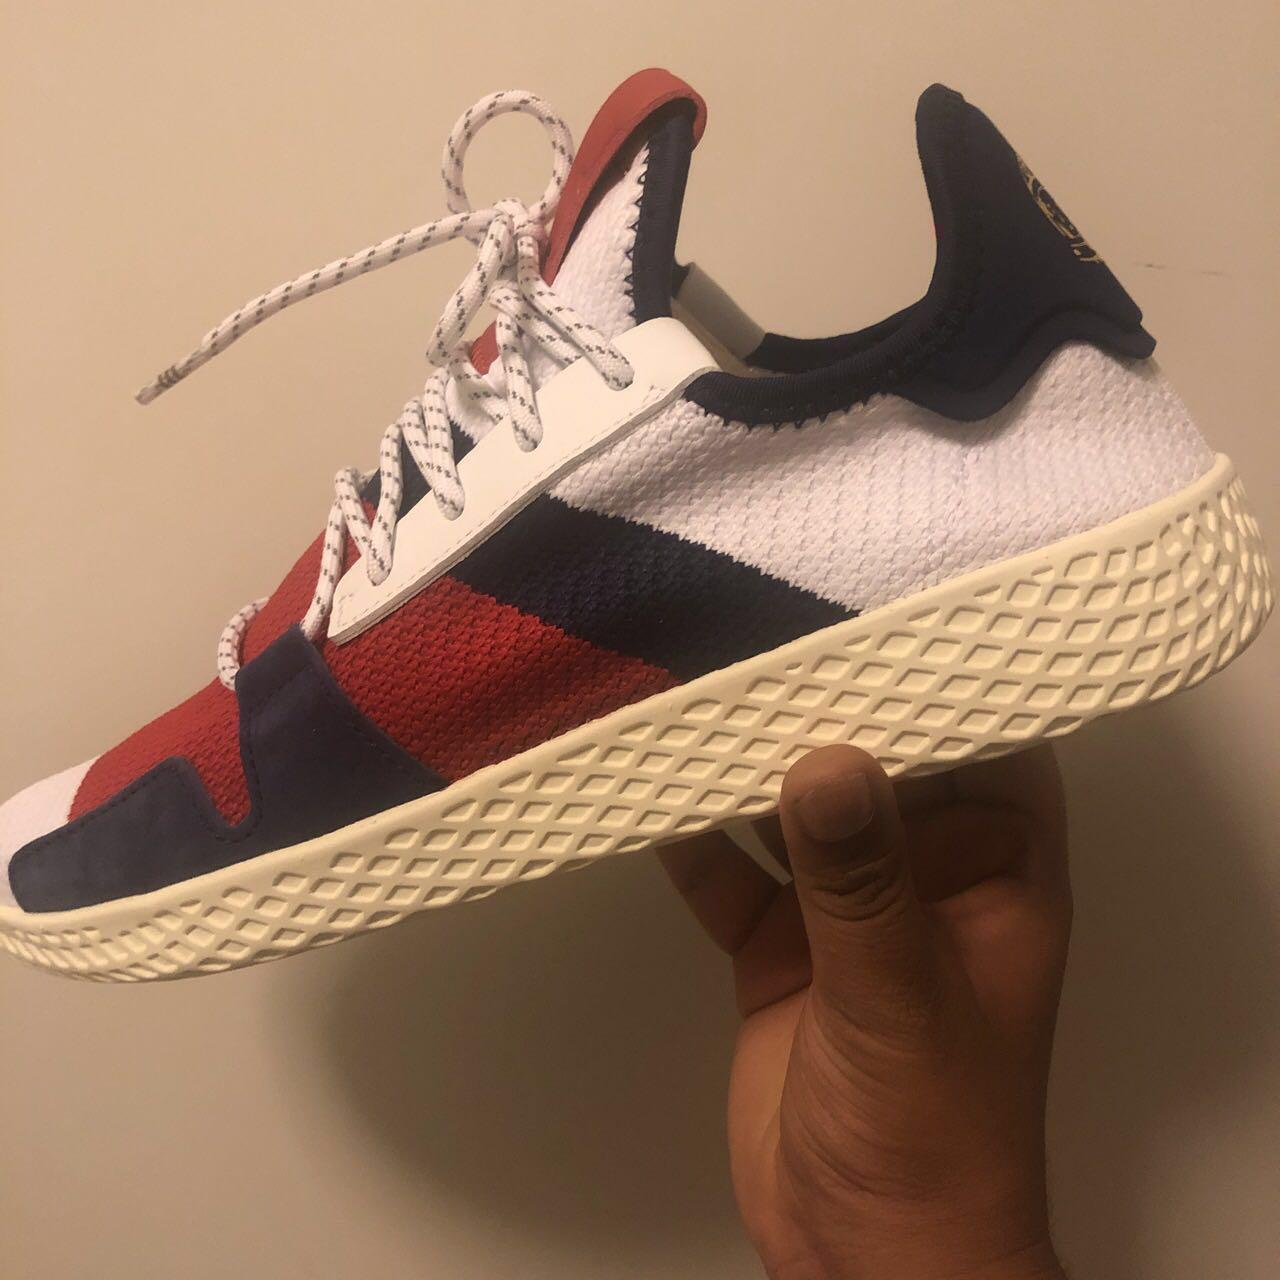 e563899348 Adidas X BBC Tennis Hu V2